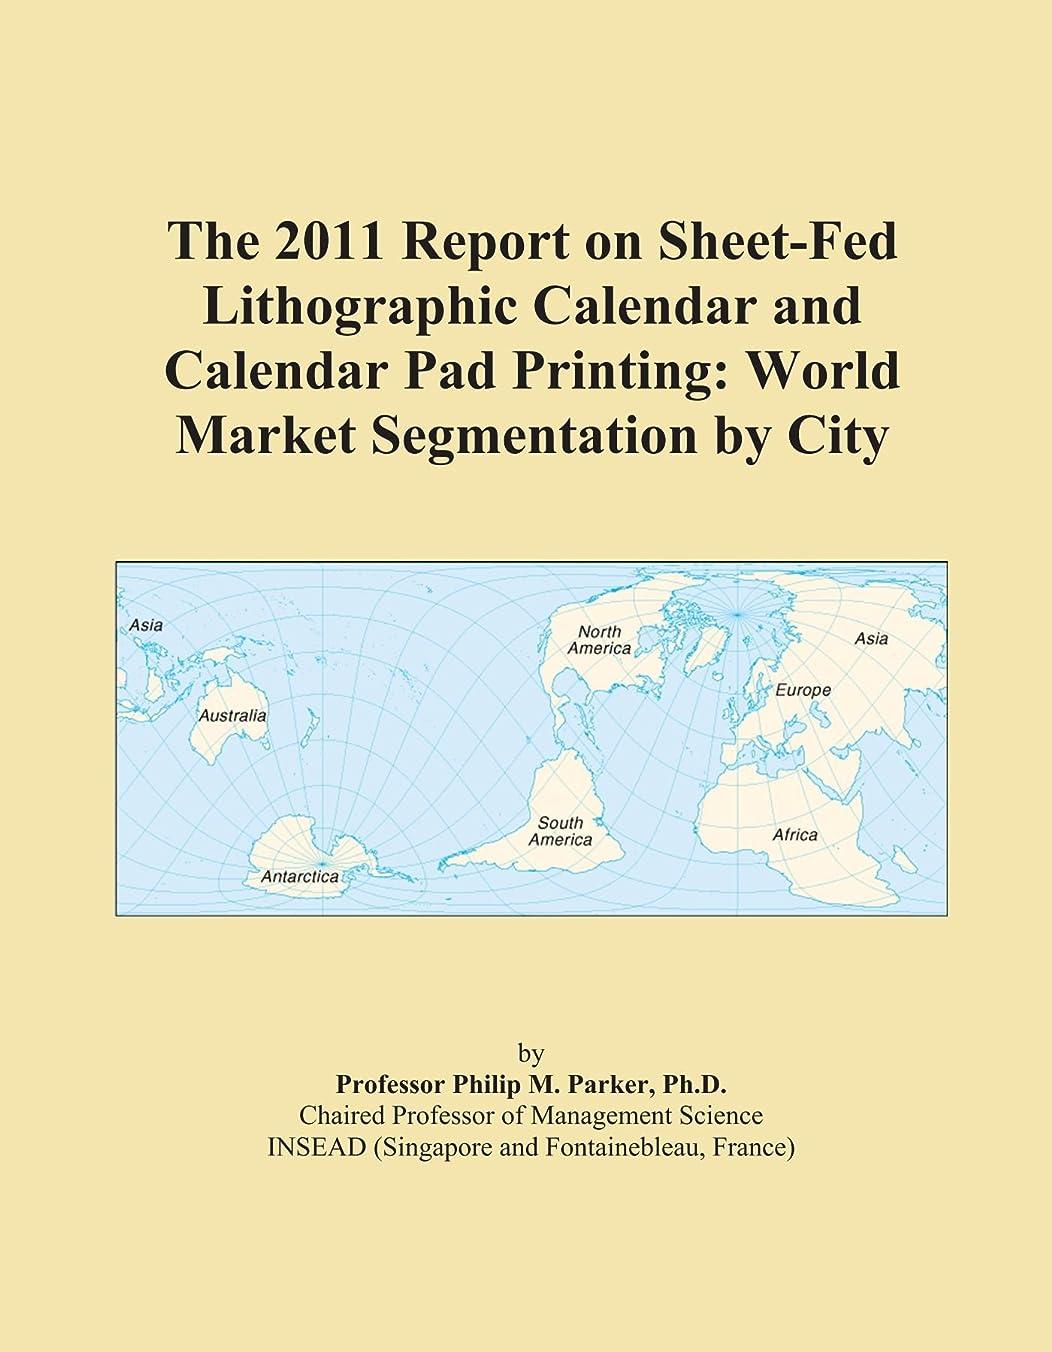 恨み素晴らしいですミルThe 2011 Report on Sheet-Fed Lithographic Calendar and Calendar Pad Printing: World Market Segmentation by City